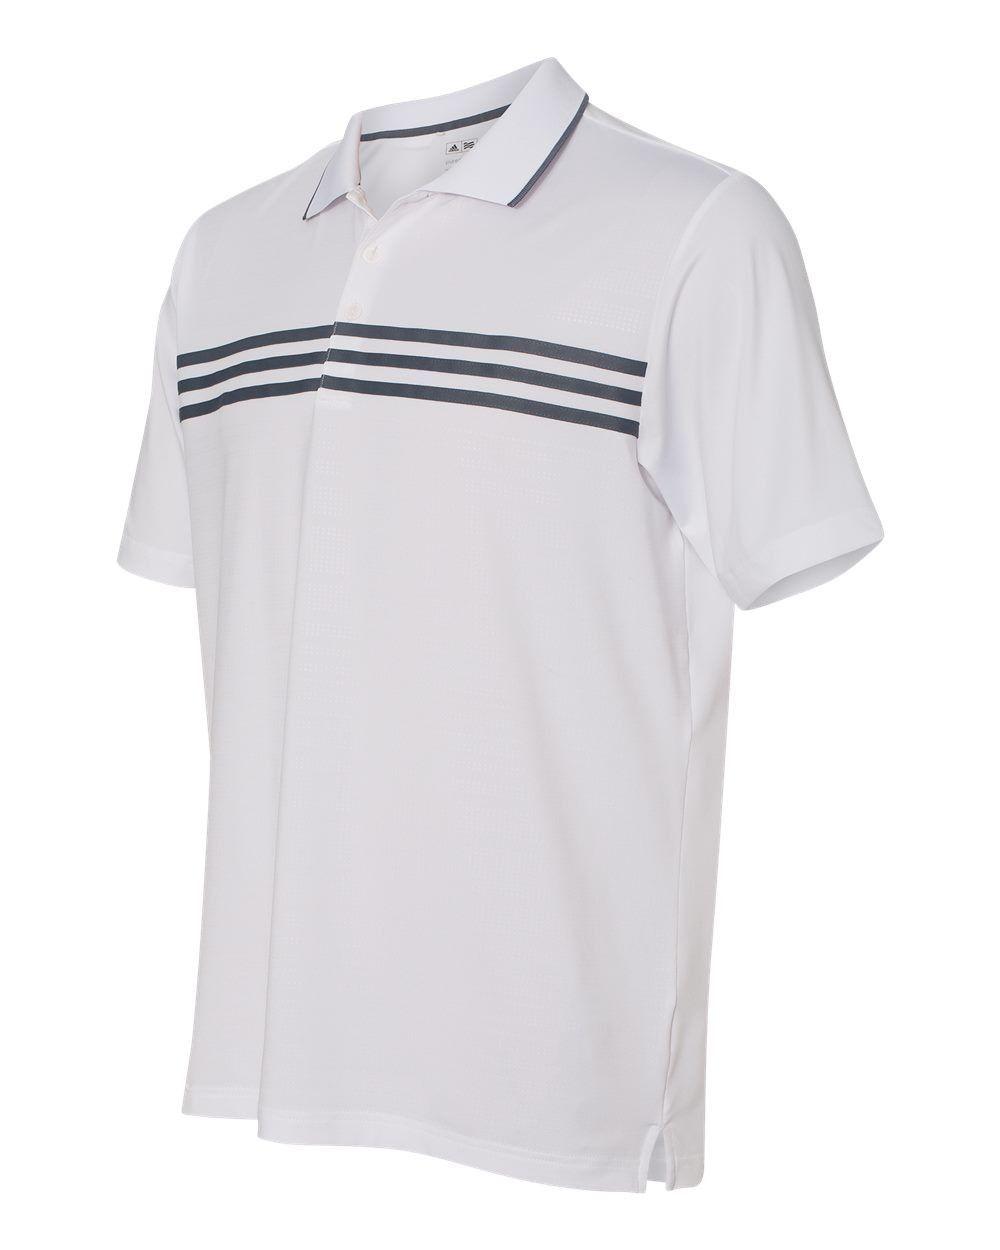 cf82b648330f7 adidas - Golf Puremotion Three Stripe Chest Polo - A124 | Stu shirt ...